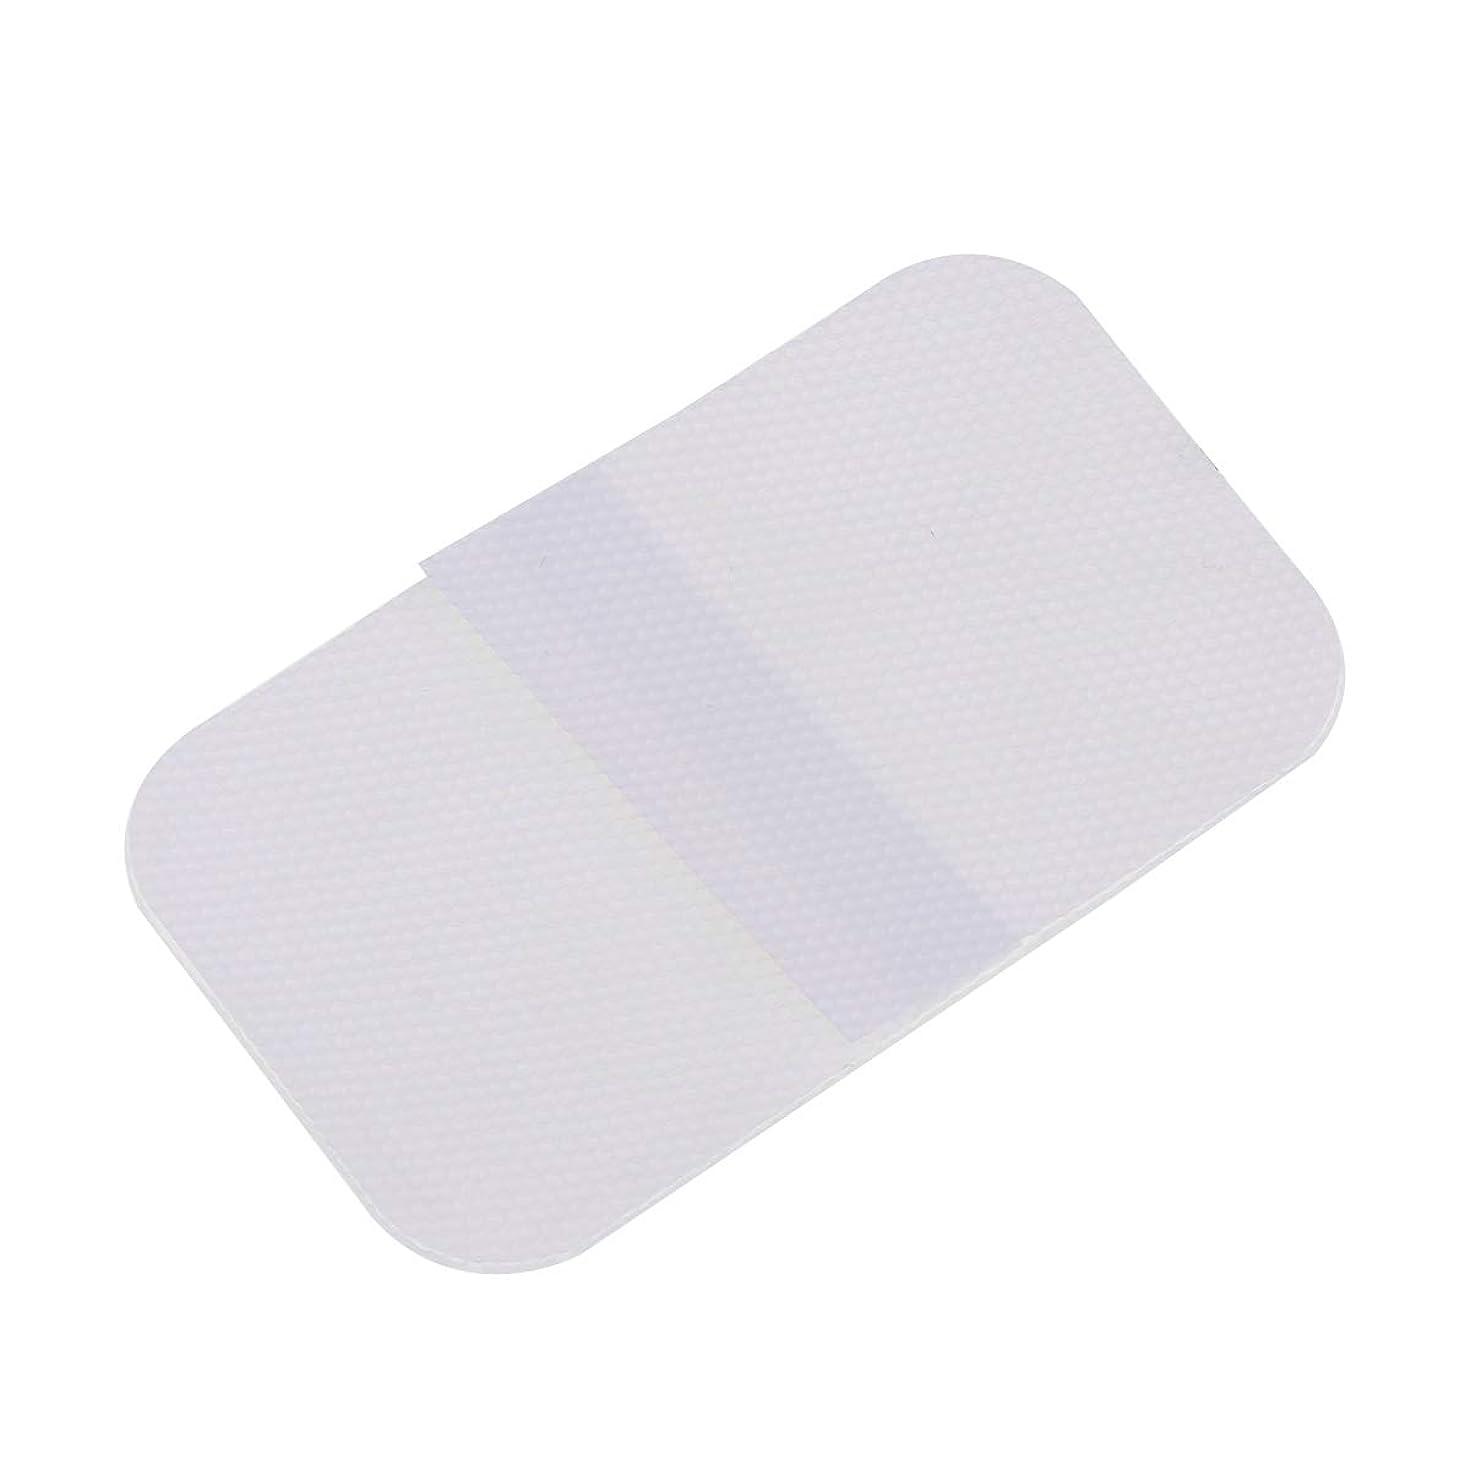 前部マウスフォアタイプLIOOBO シリコーン傷跡シート傷跡シリコーンテープ洗える帝王切開透明傷跡ステッカー正方形シェイプシリコーン傷跡治療